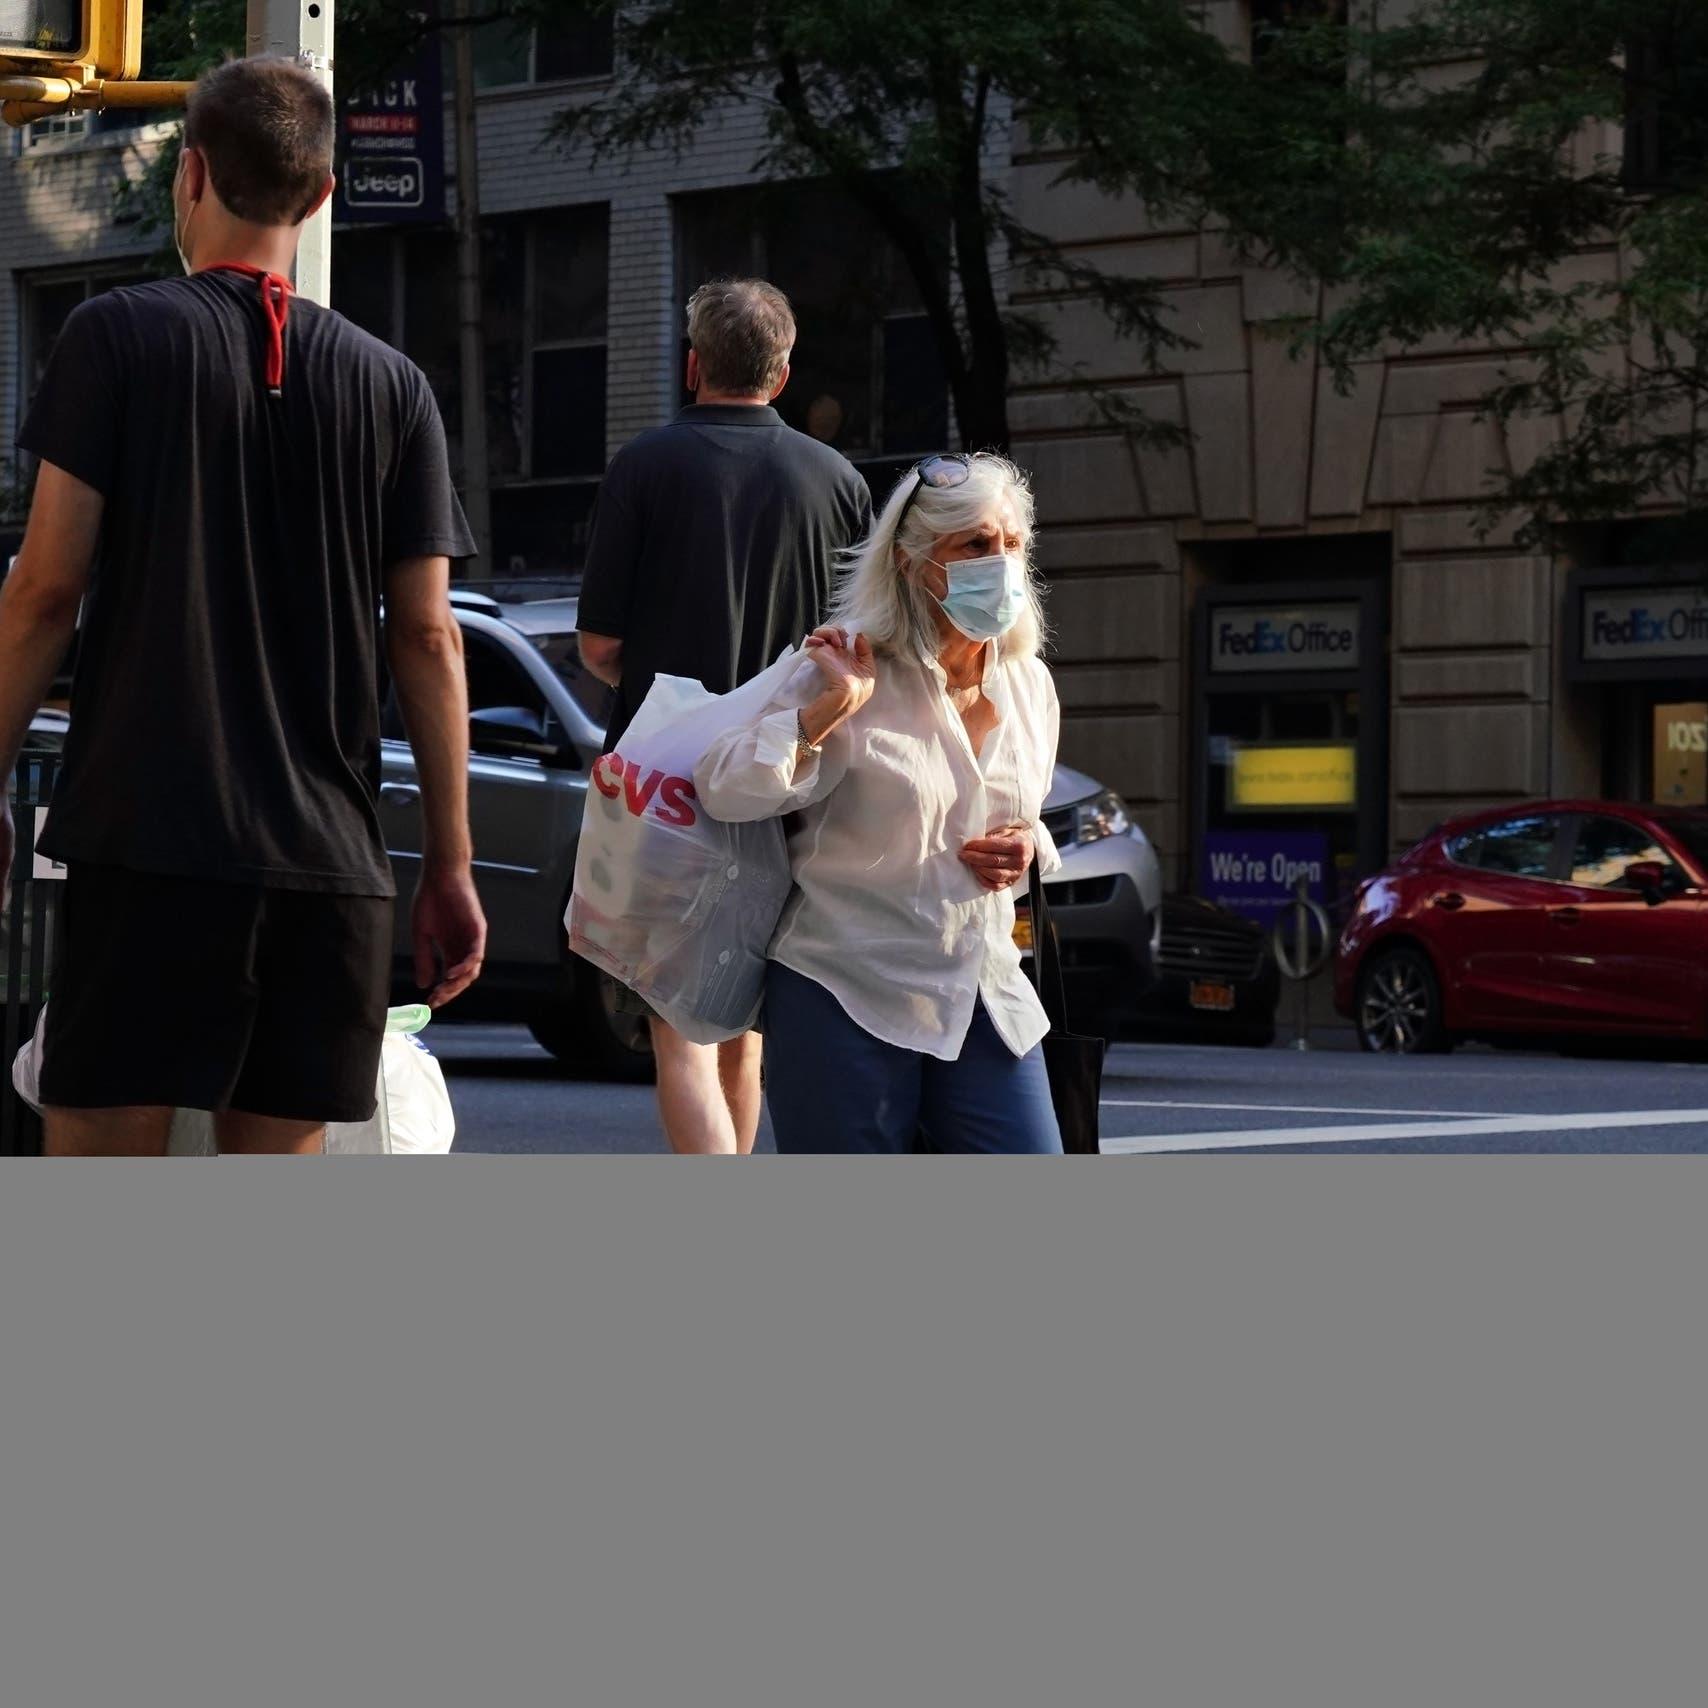 جوع كورونا يهدد 12% من الأميركيين